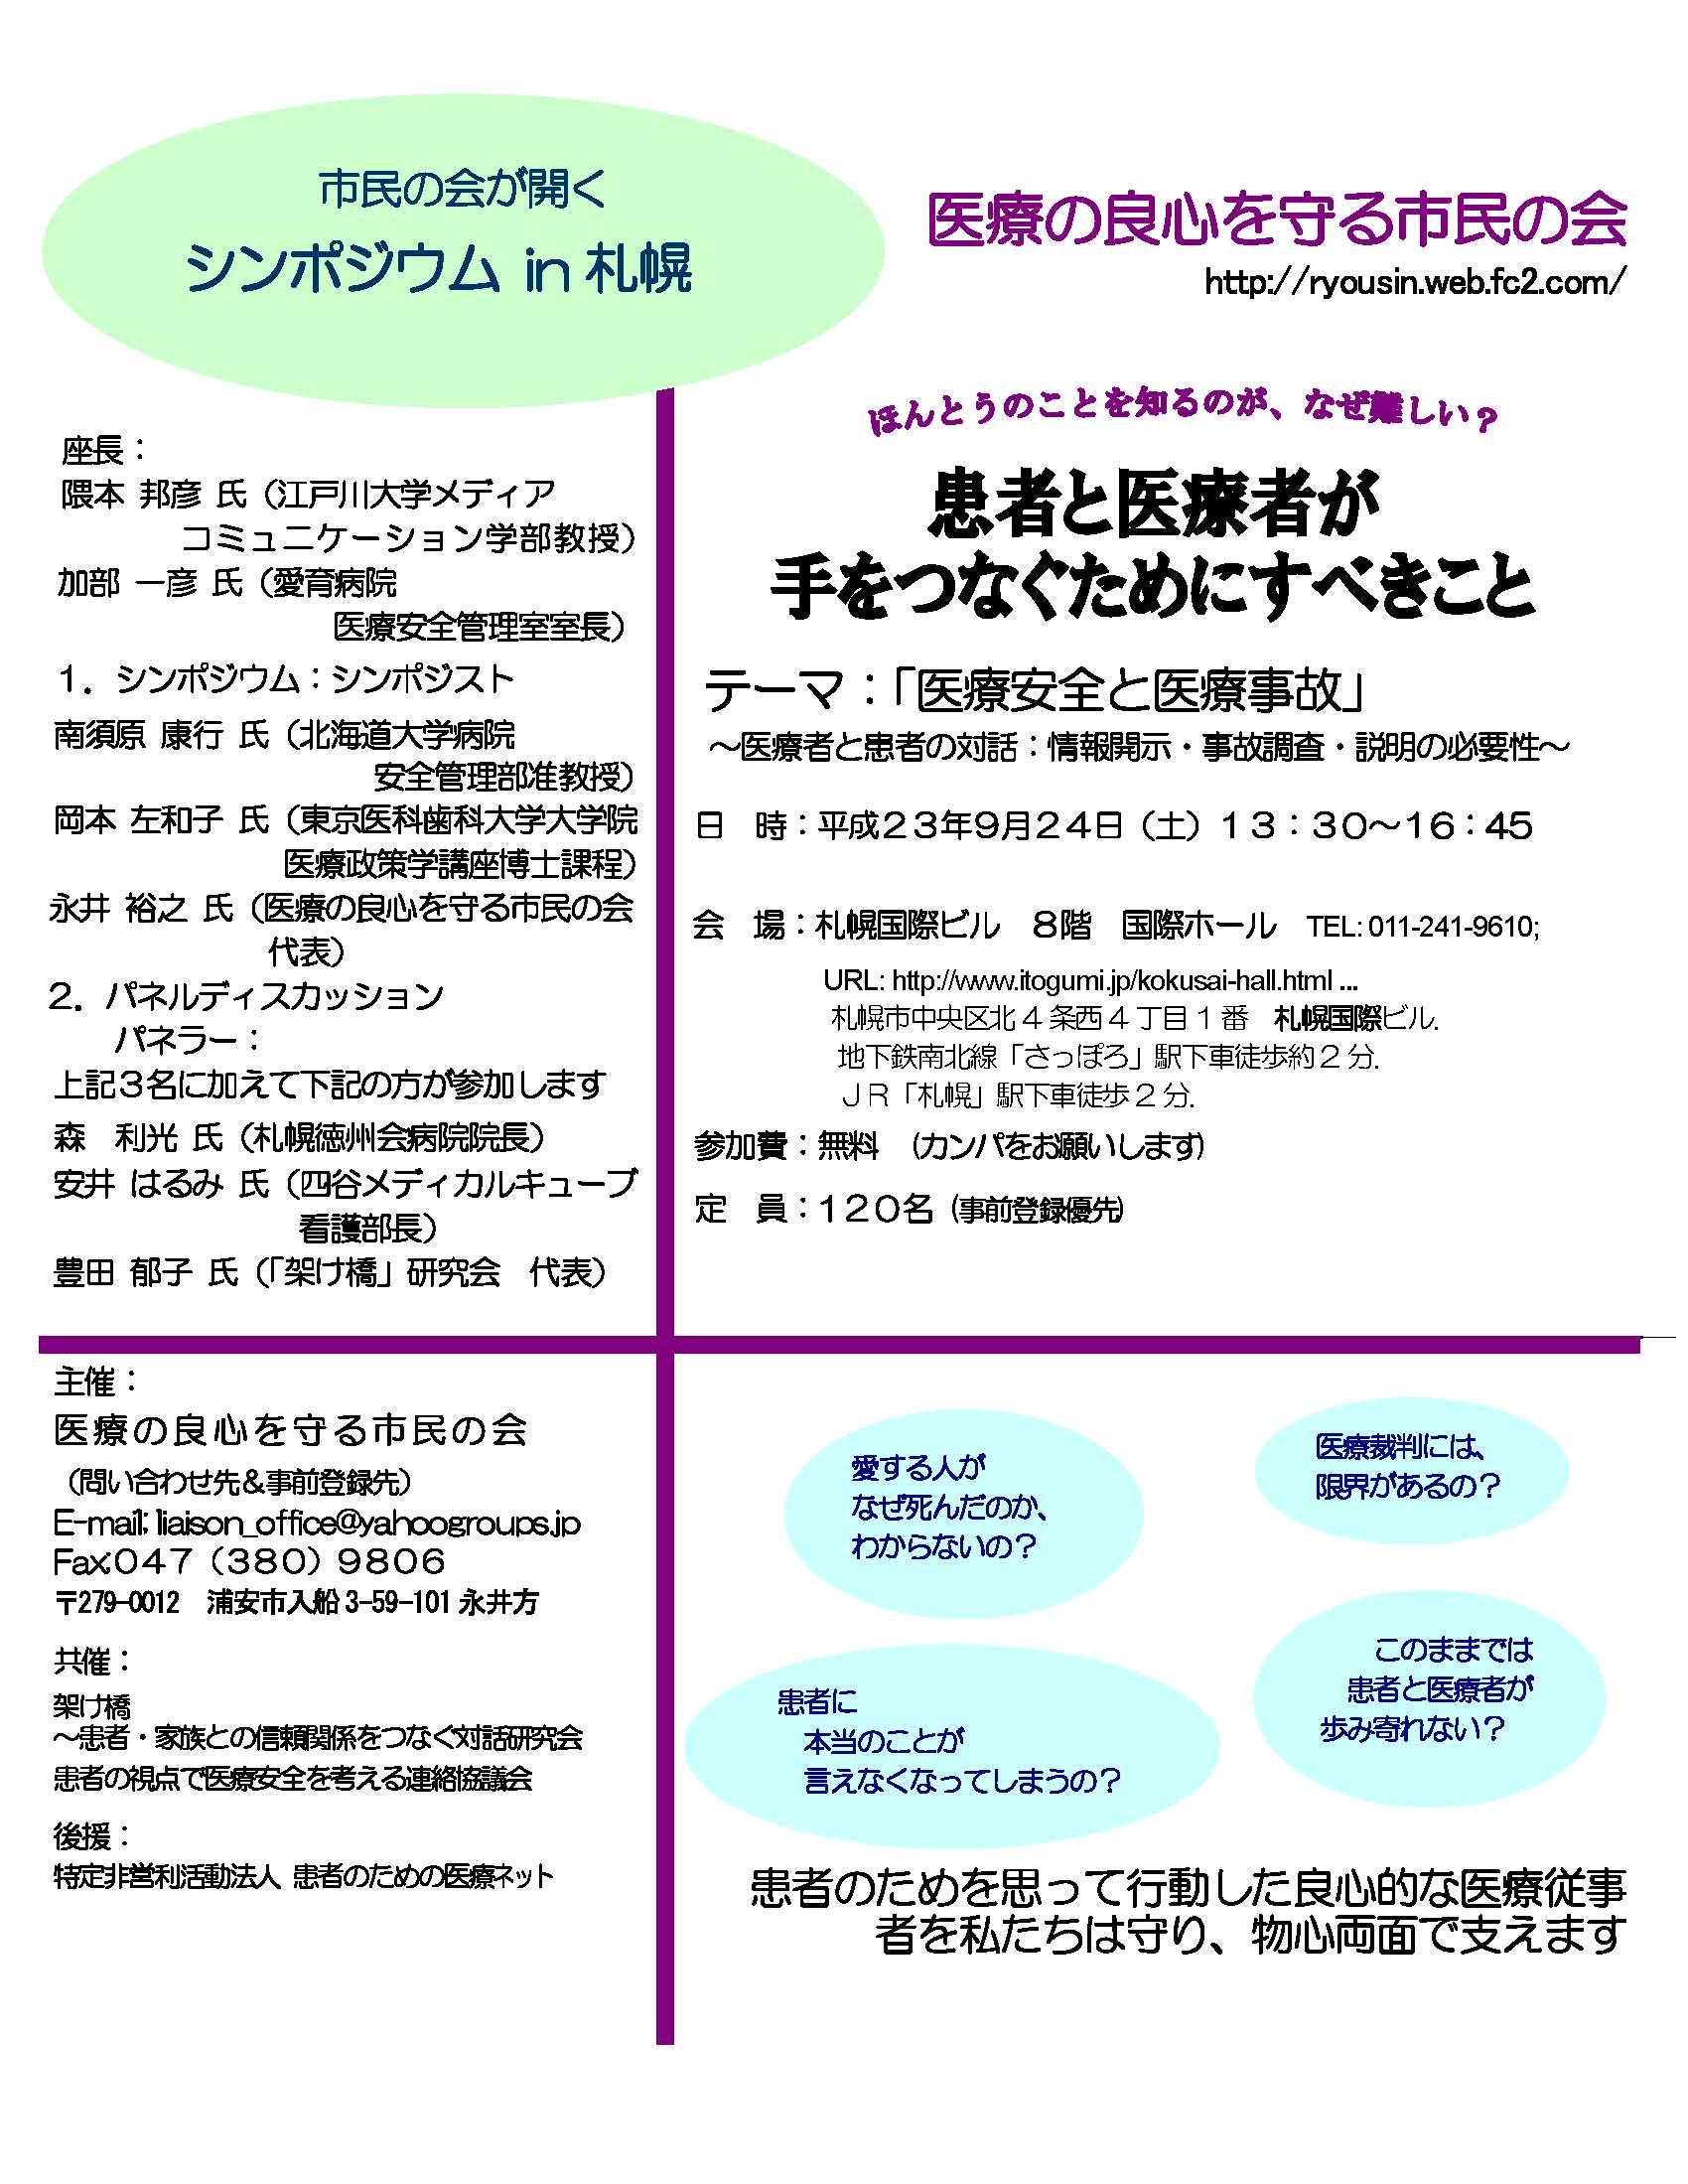 医療の良心を守る市民の会,9月26日,シンポジウムin札幌『患者と医療者が手をつなぐためにすべきこと』_b0206085_2120231.jpg